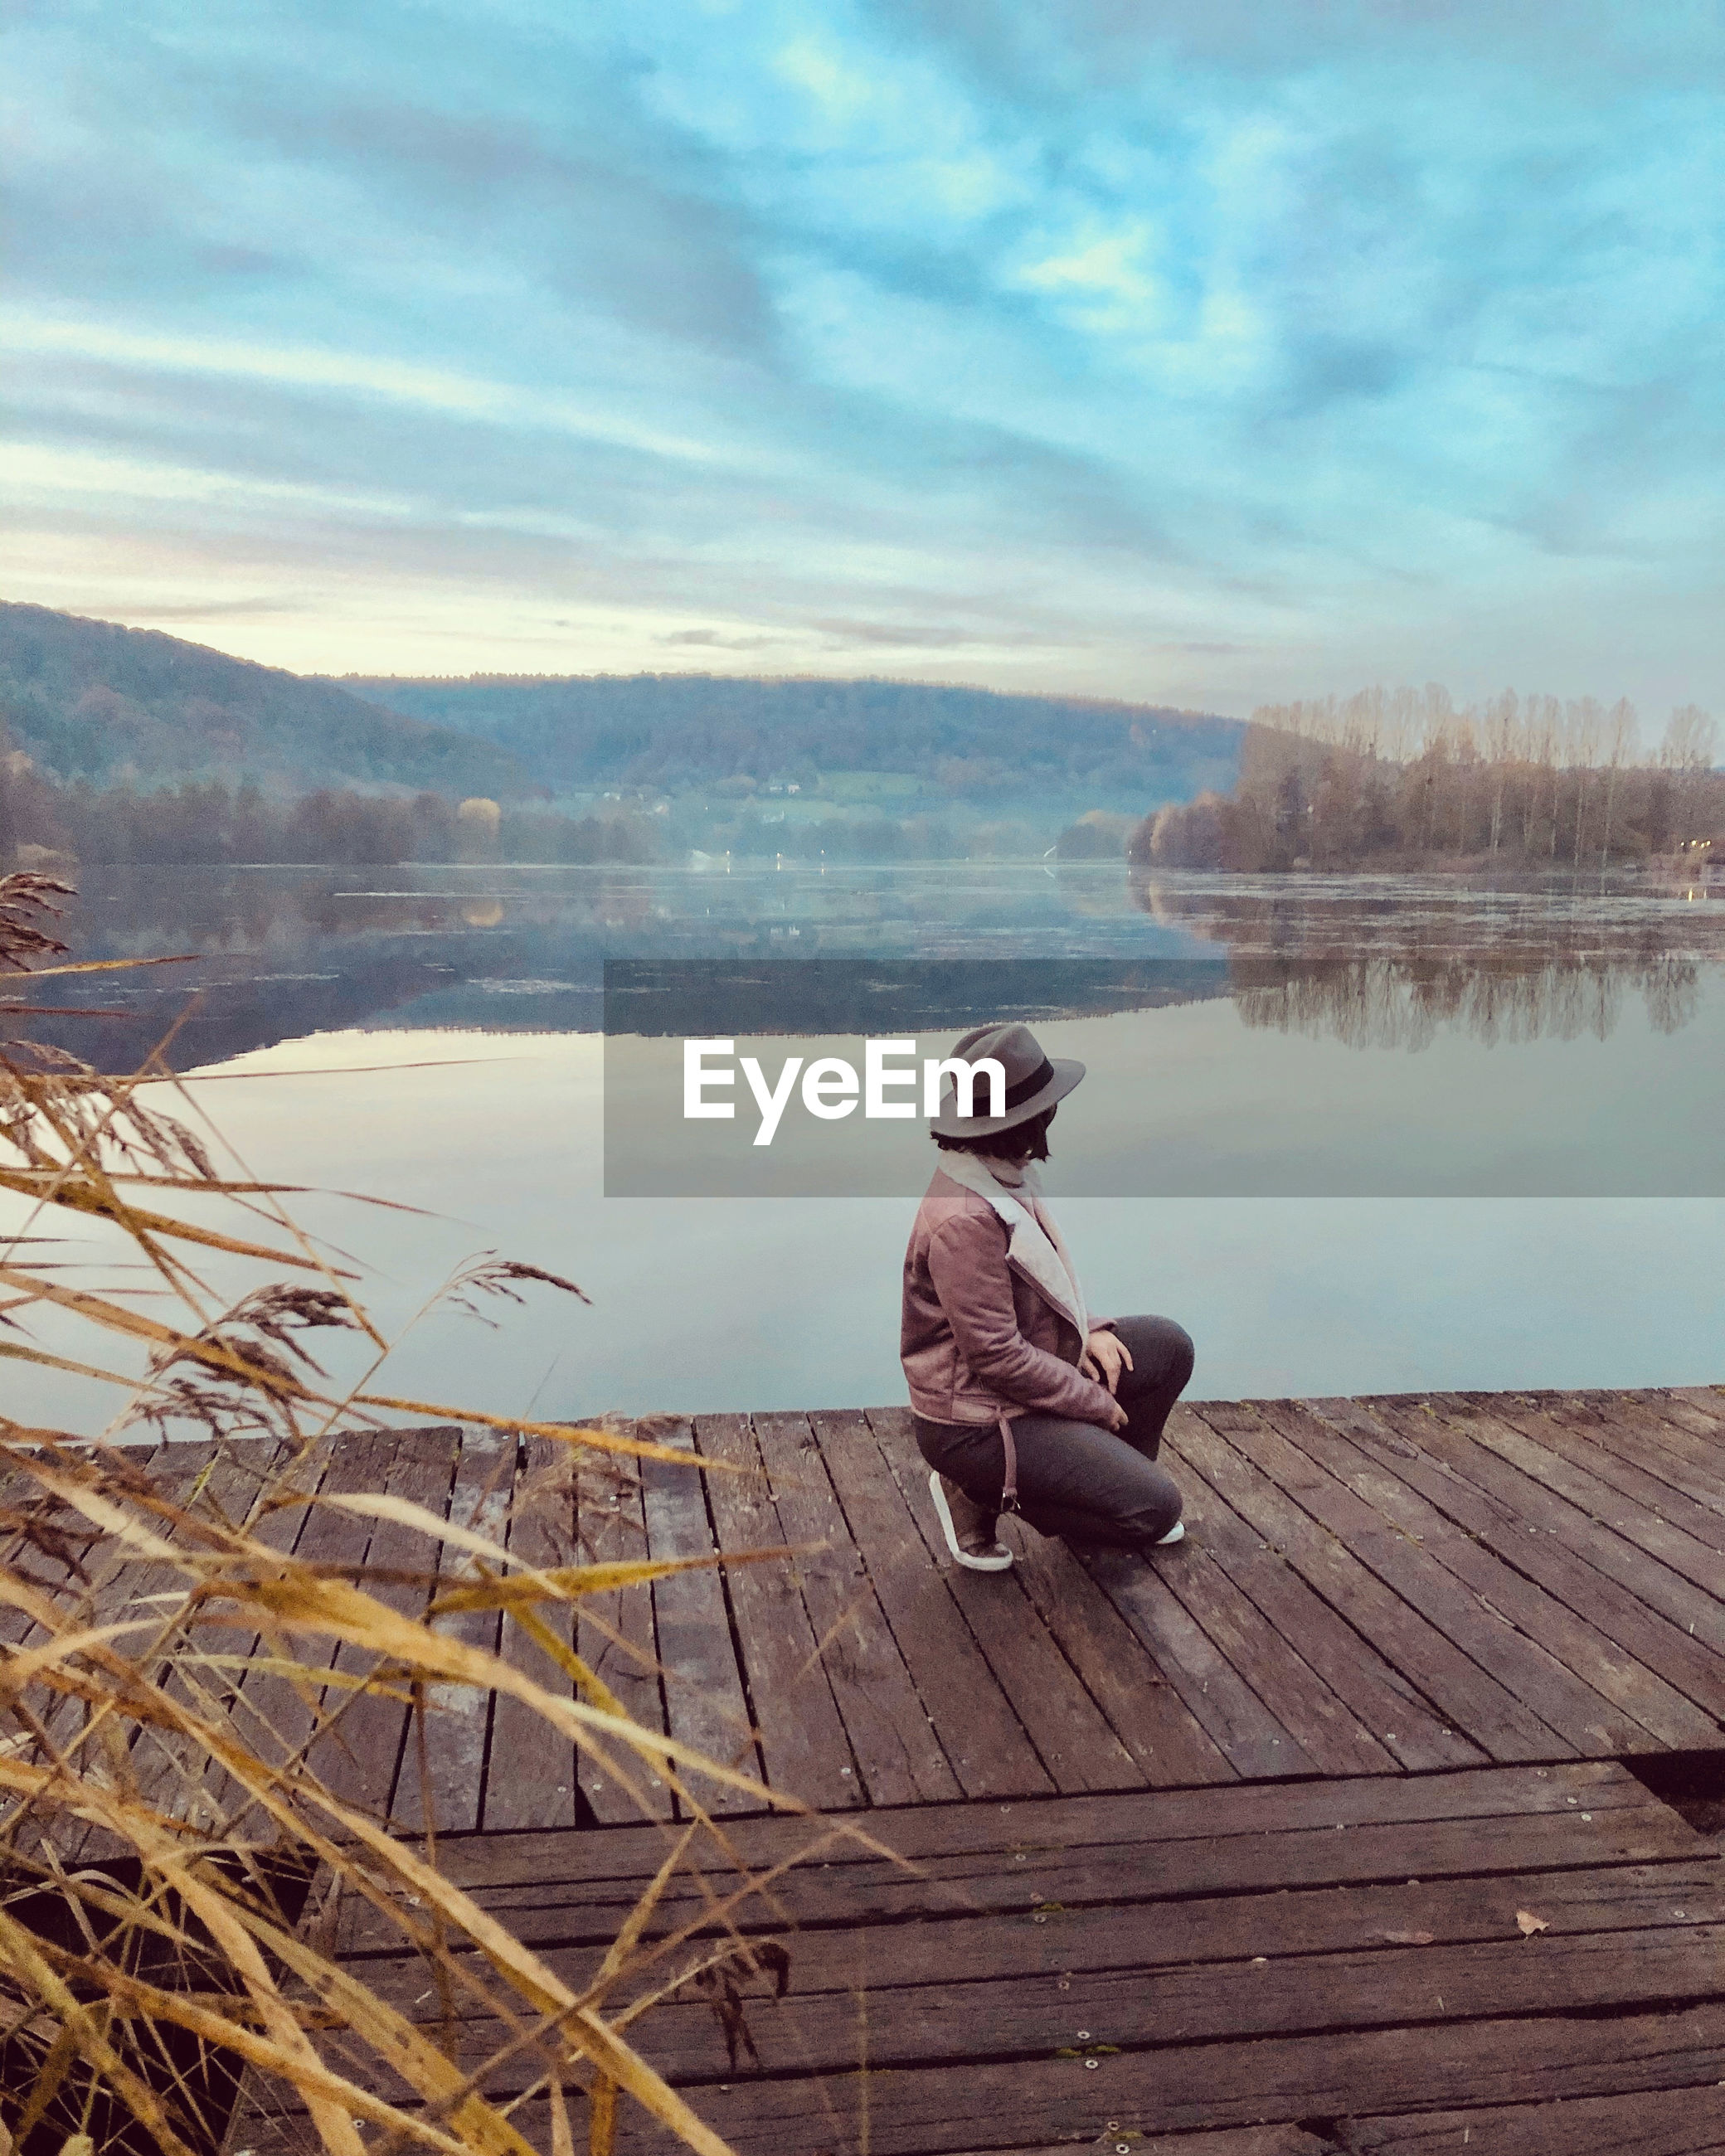 Man by lake on pier